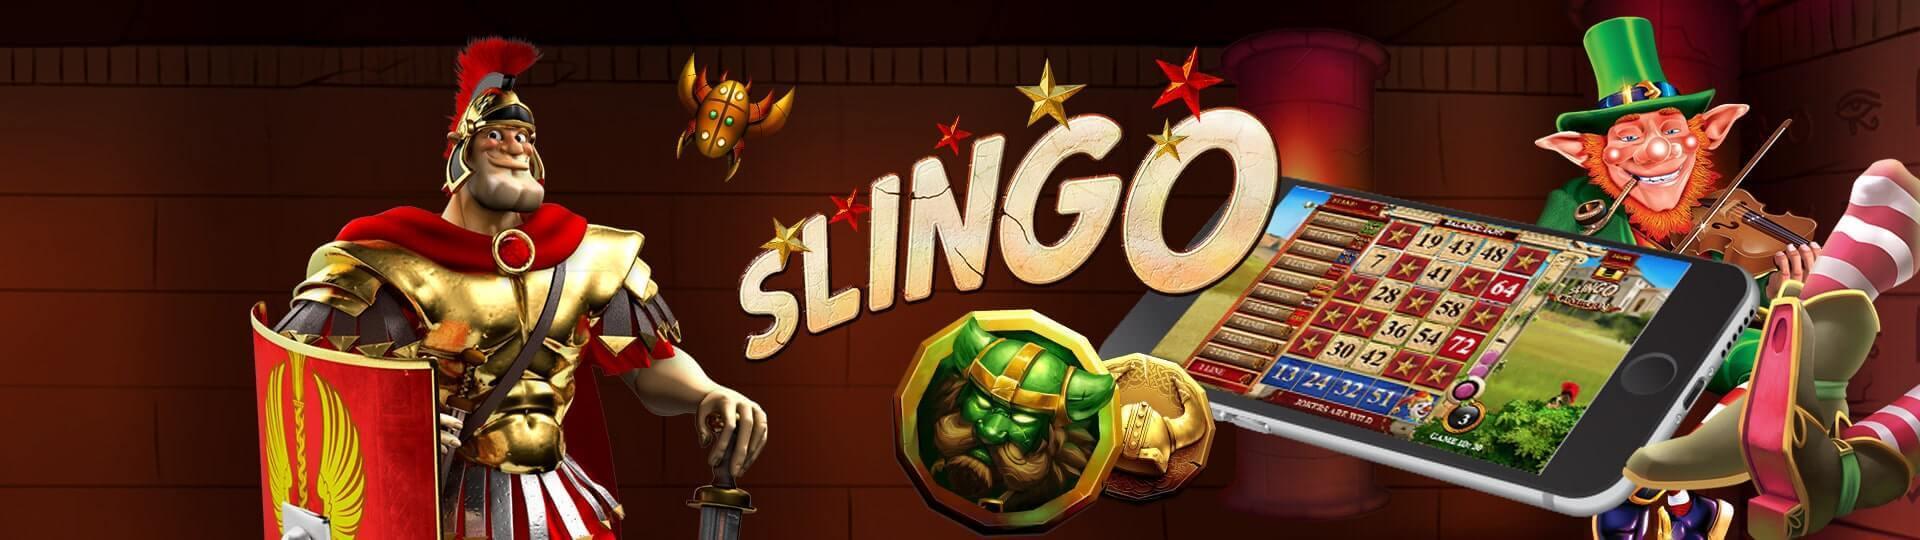 Slingo Pragmatic 2